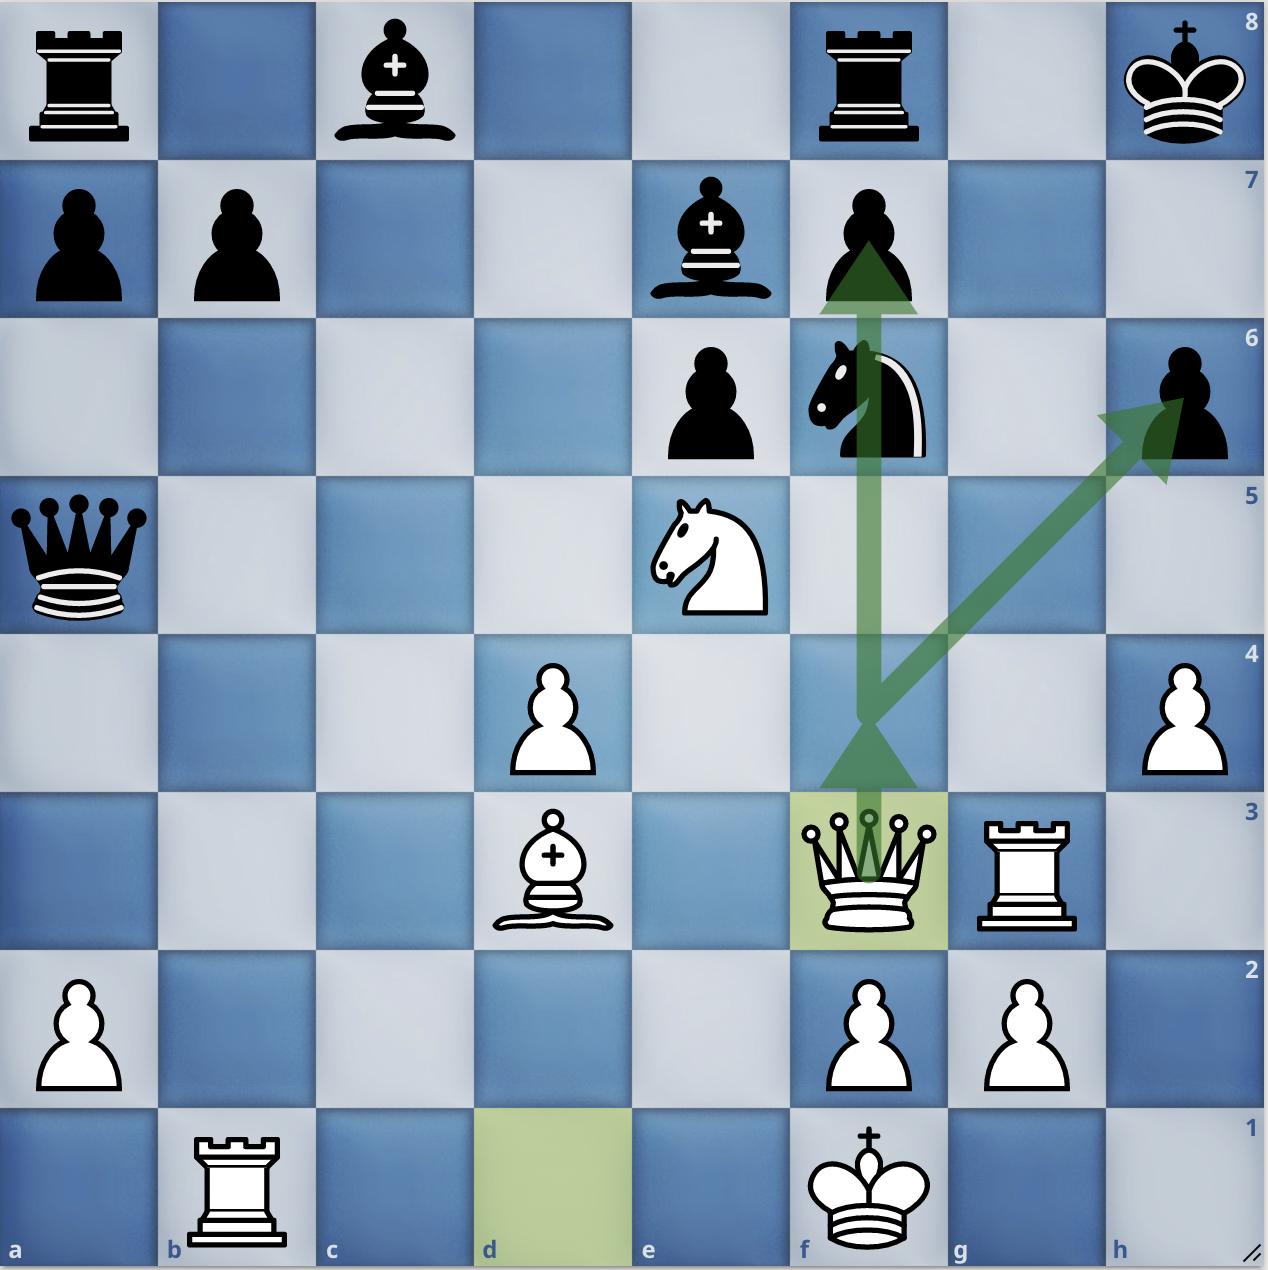 Thế cờ sau 18.Qf3. Nước đi hậu nhẹ nhàng này đủ để khiến Duda đầu hàng ngay lập tức. Trắng đe doạ đi hậu lên f4 để bắt tốt h6. Đen không có cách nào để phòng ngự. Vua đen không thể di chuyển, vì thế Trắng cũng có thể thí hậu vào f7, rồi đưa mã vào f7 chiếu hết hoặc đưa hậu sang h7 chiếu hết.